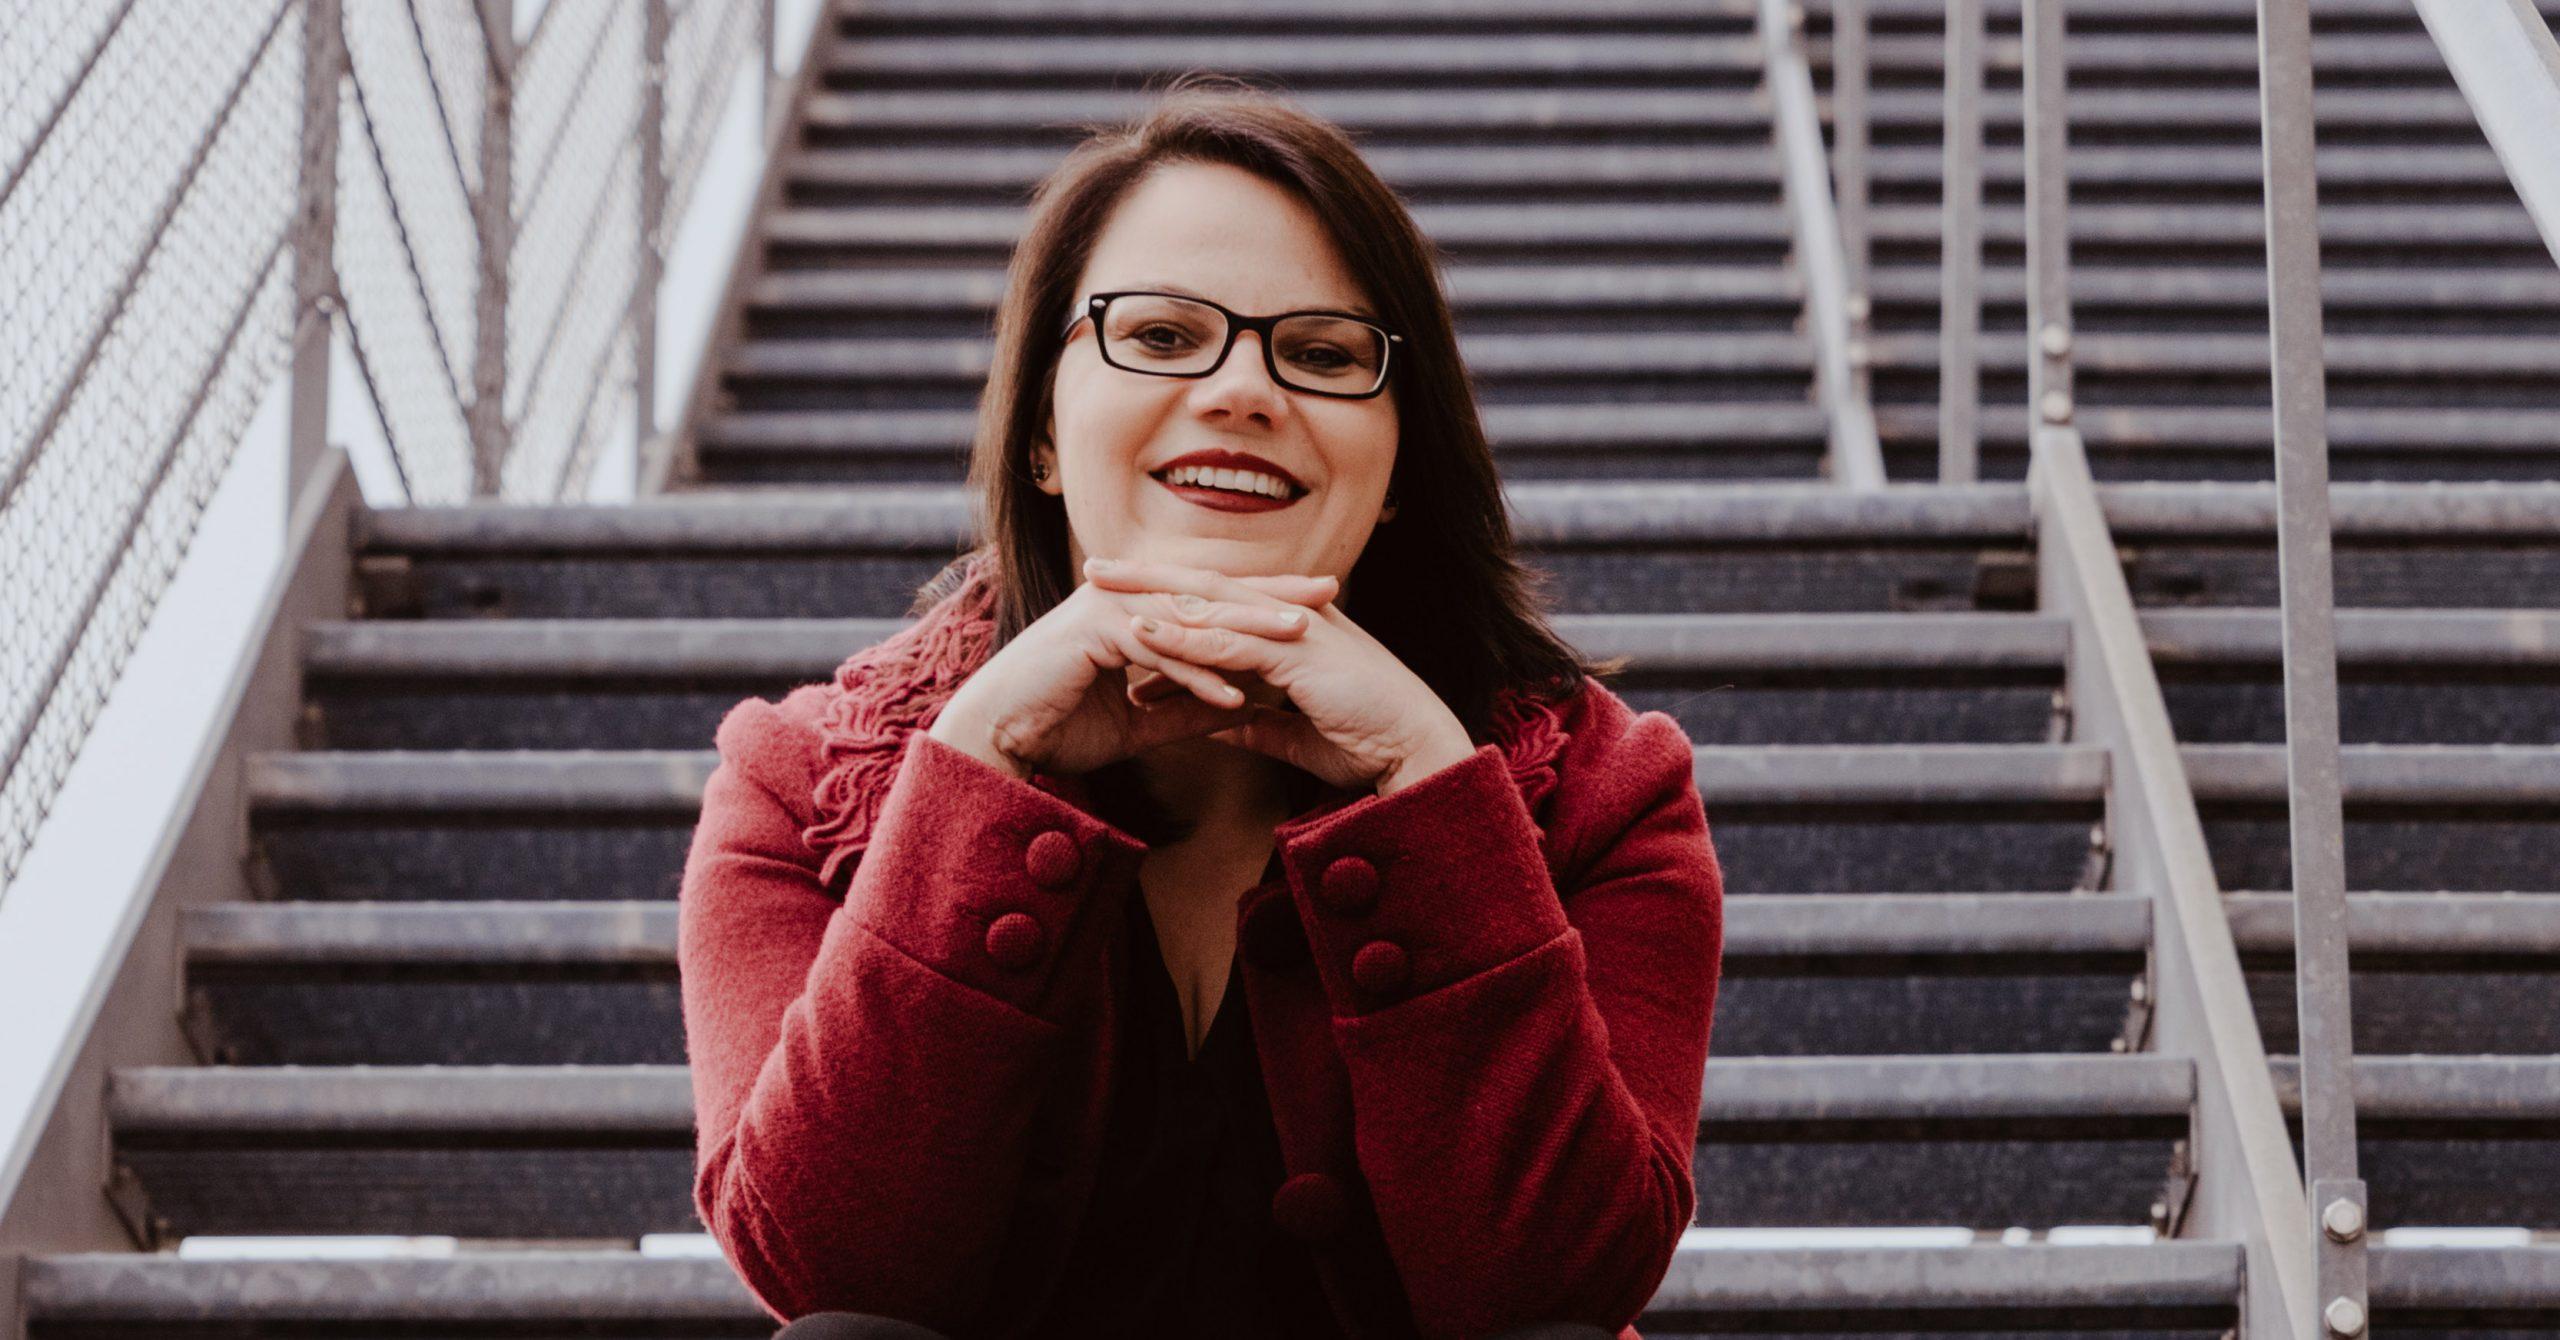 Christine Bachmann ist Absolventin des Bachelor Kommunikation und heute als Journalistin bei HR Today tätig